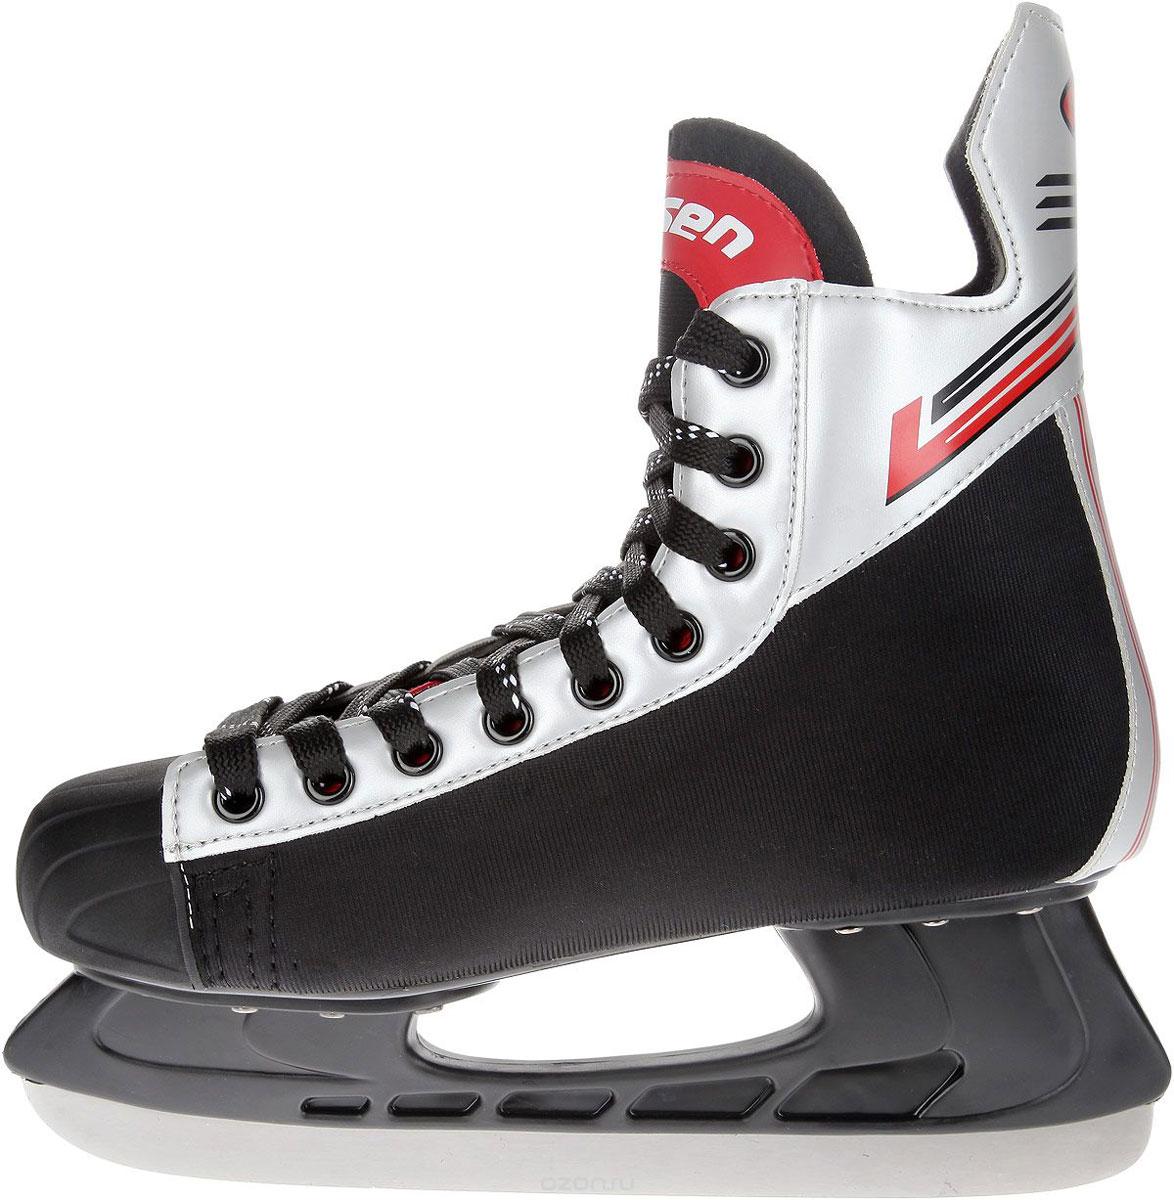 Коньки хоккейные мужские Larsen Alex, цвет: черный, серебристый, красный. Размер 45Alex_черный, серебристый, красный_45Стильные коньки Alex от Larsen прекрасно подойдут для начинающих игроков в хоккей. Ботинок выполнен из нейлона и морозоустойчивого поливинилхлорида. Мыс дополнен вставкой из полиуретана, которая защитит ноги от ударов. Внутренний слой изготовлен из мягкого текстиля, который обеспечит тепло и комфорт во время катания, язычок - из войлока. Плотная шнуровка надежно фиксирует модель на ноге. Голеностоп имеет удобный суппорт. Стелька из EVA с текстильной поверхностью обеспечит комфортное катание. Стойка выполнена из ударопрочного полипропилена. Лезвие из нержавеющей стали обеспечит превосходное скольжение. В комплект входят пластиковые чехлы для лезвий.